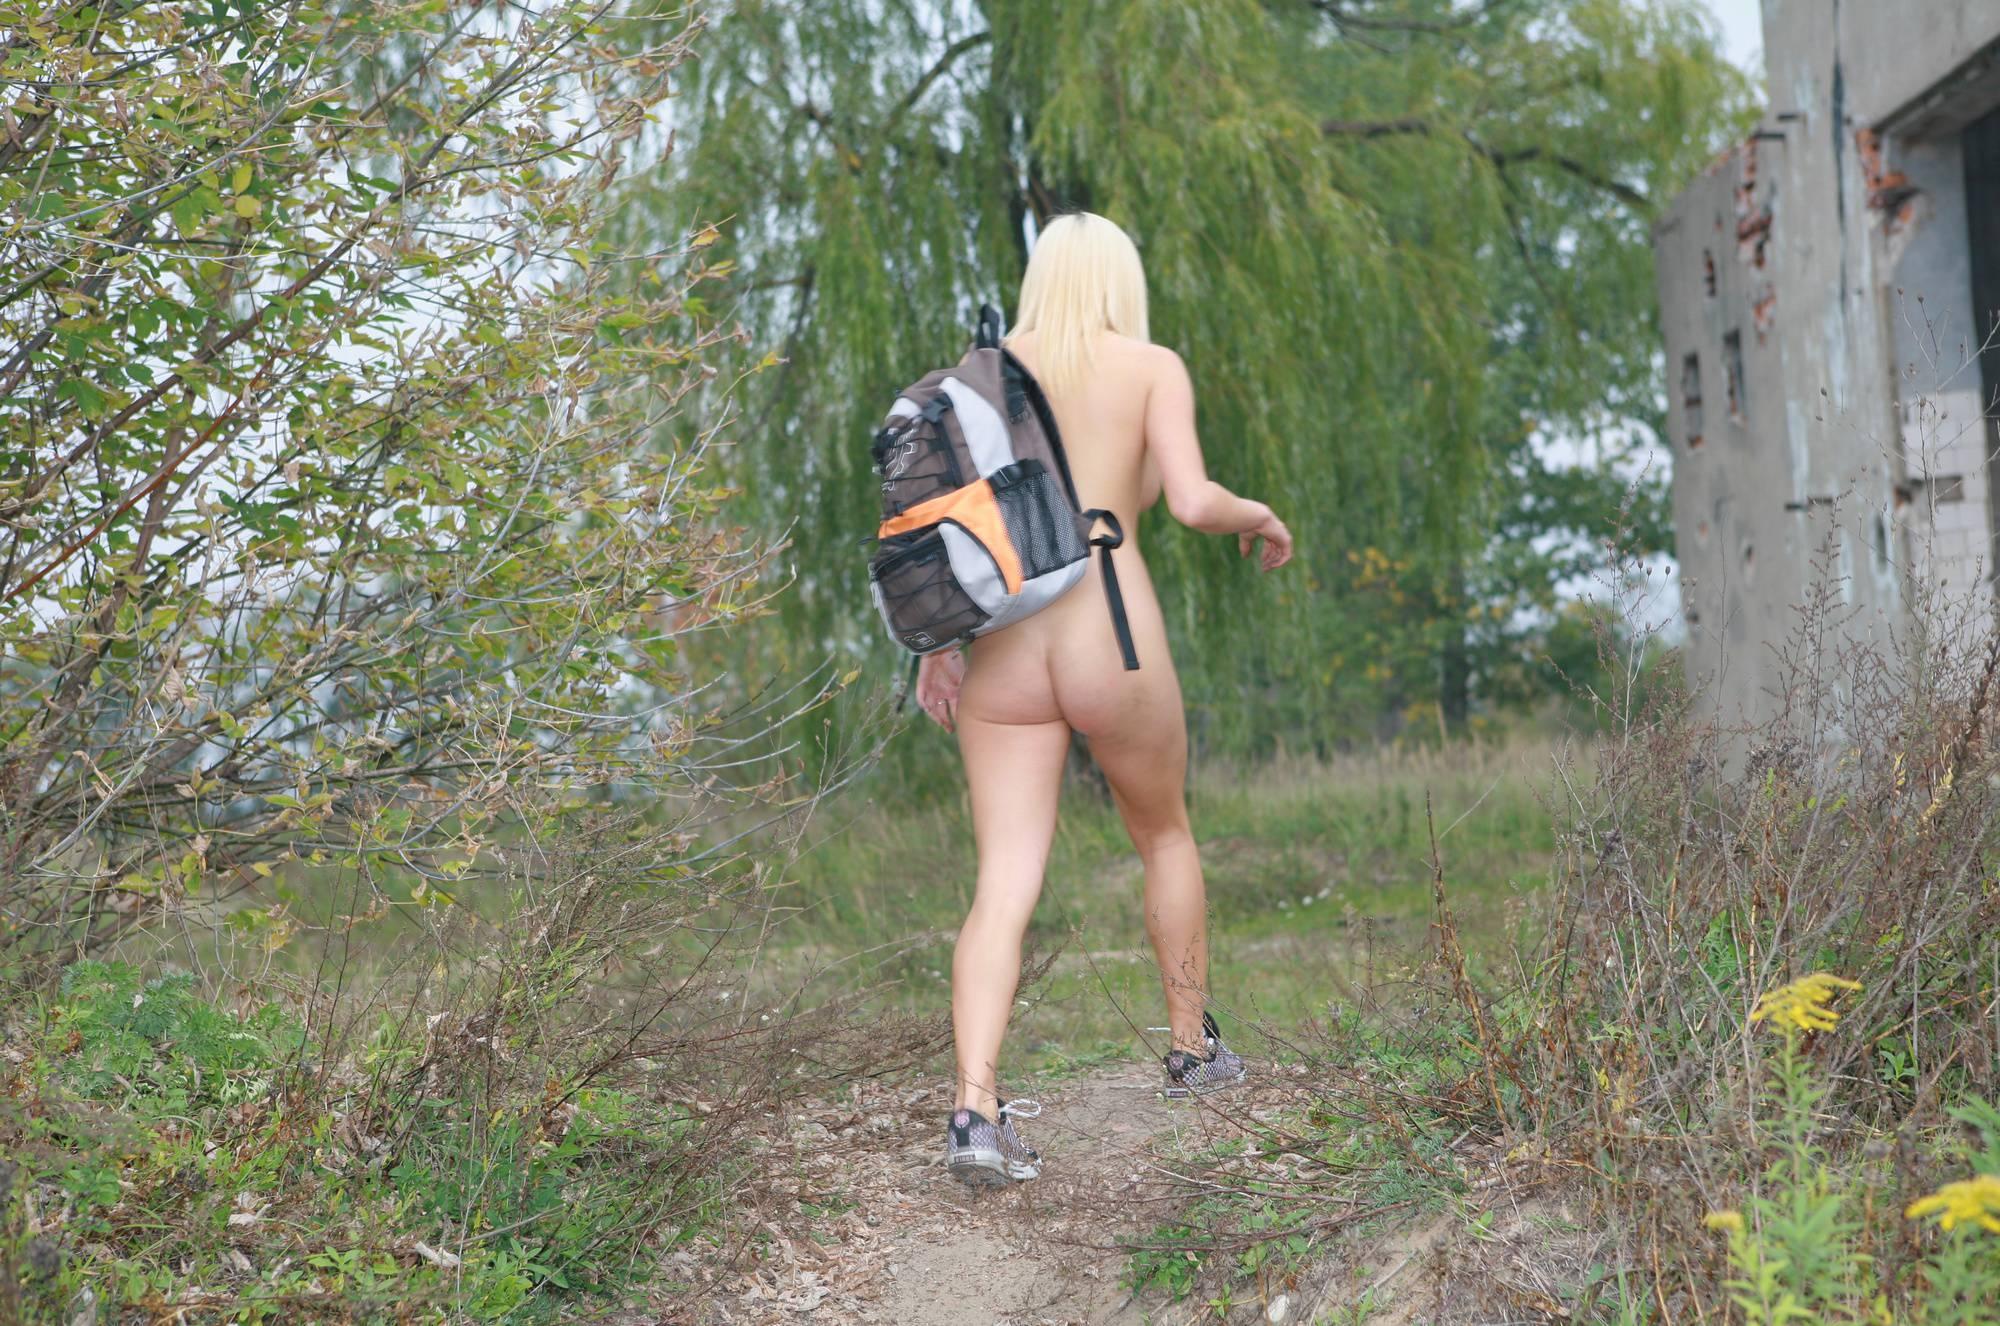 Nudist Photos Jess' College Bike Walk - 1